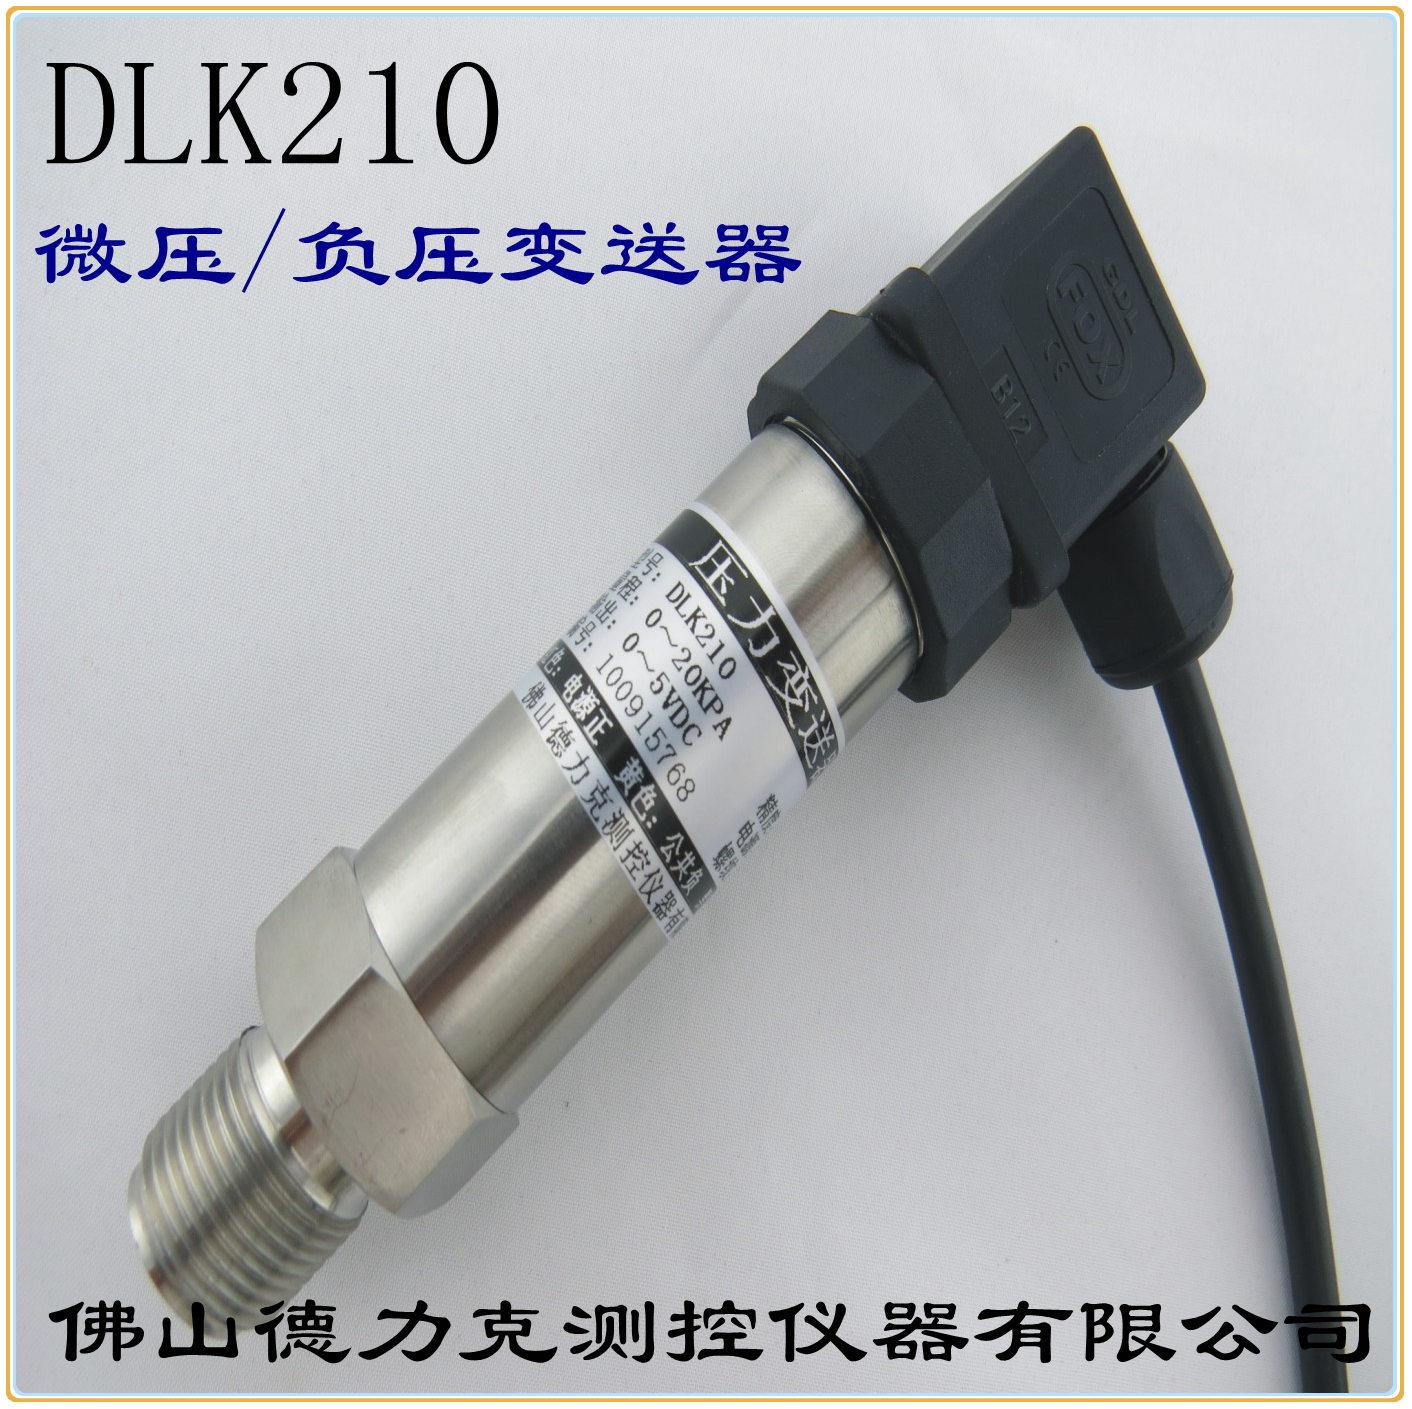 水压传感器DLK210